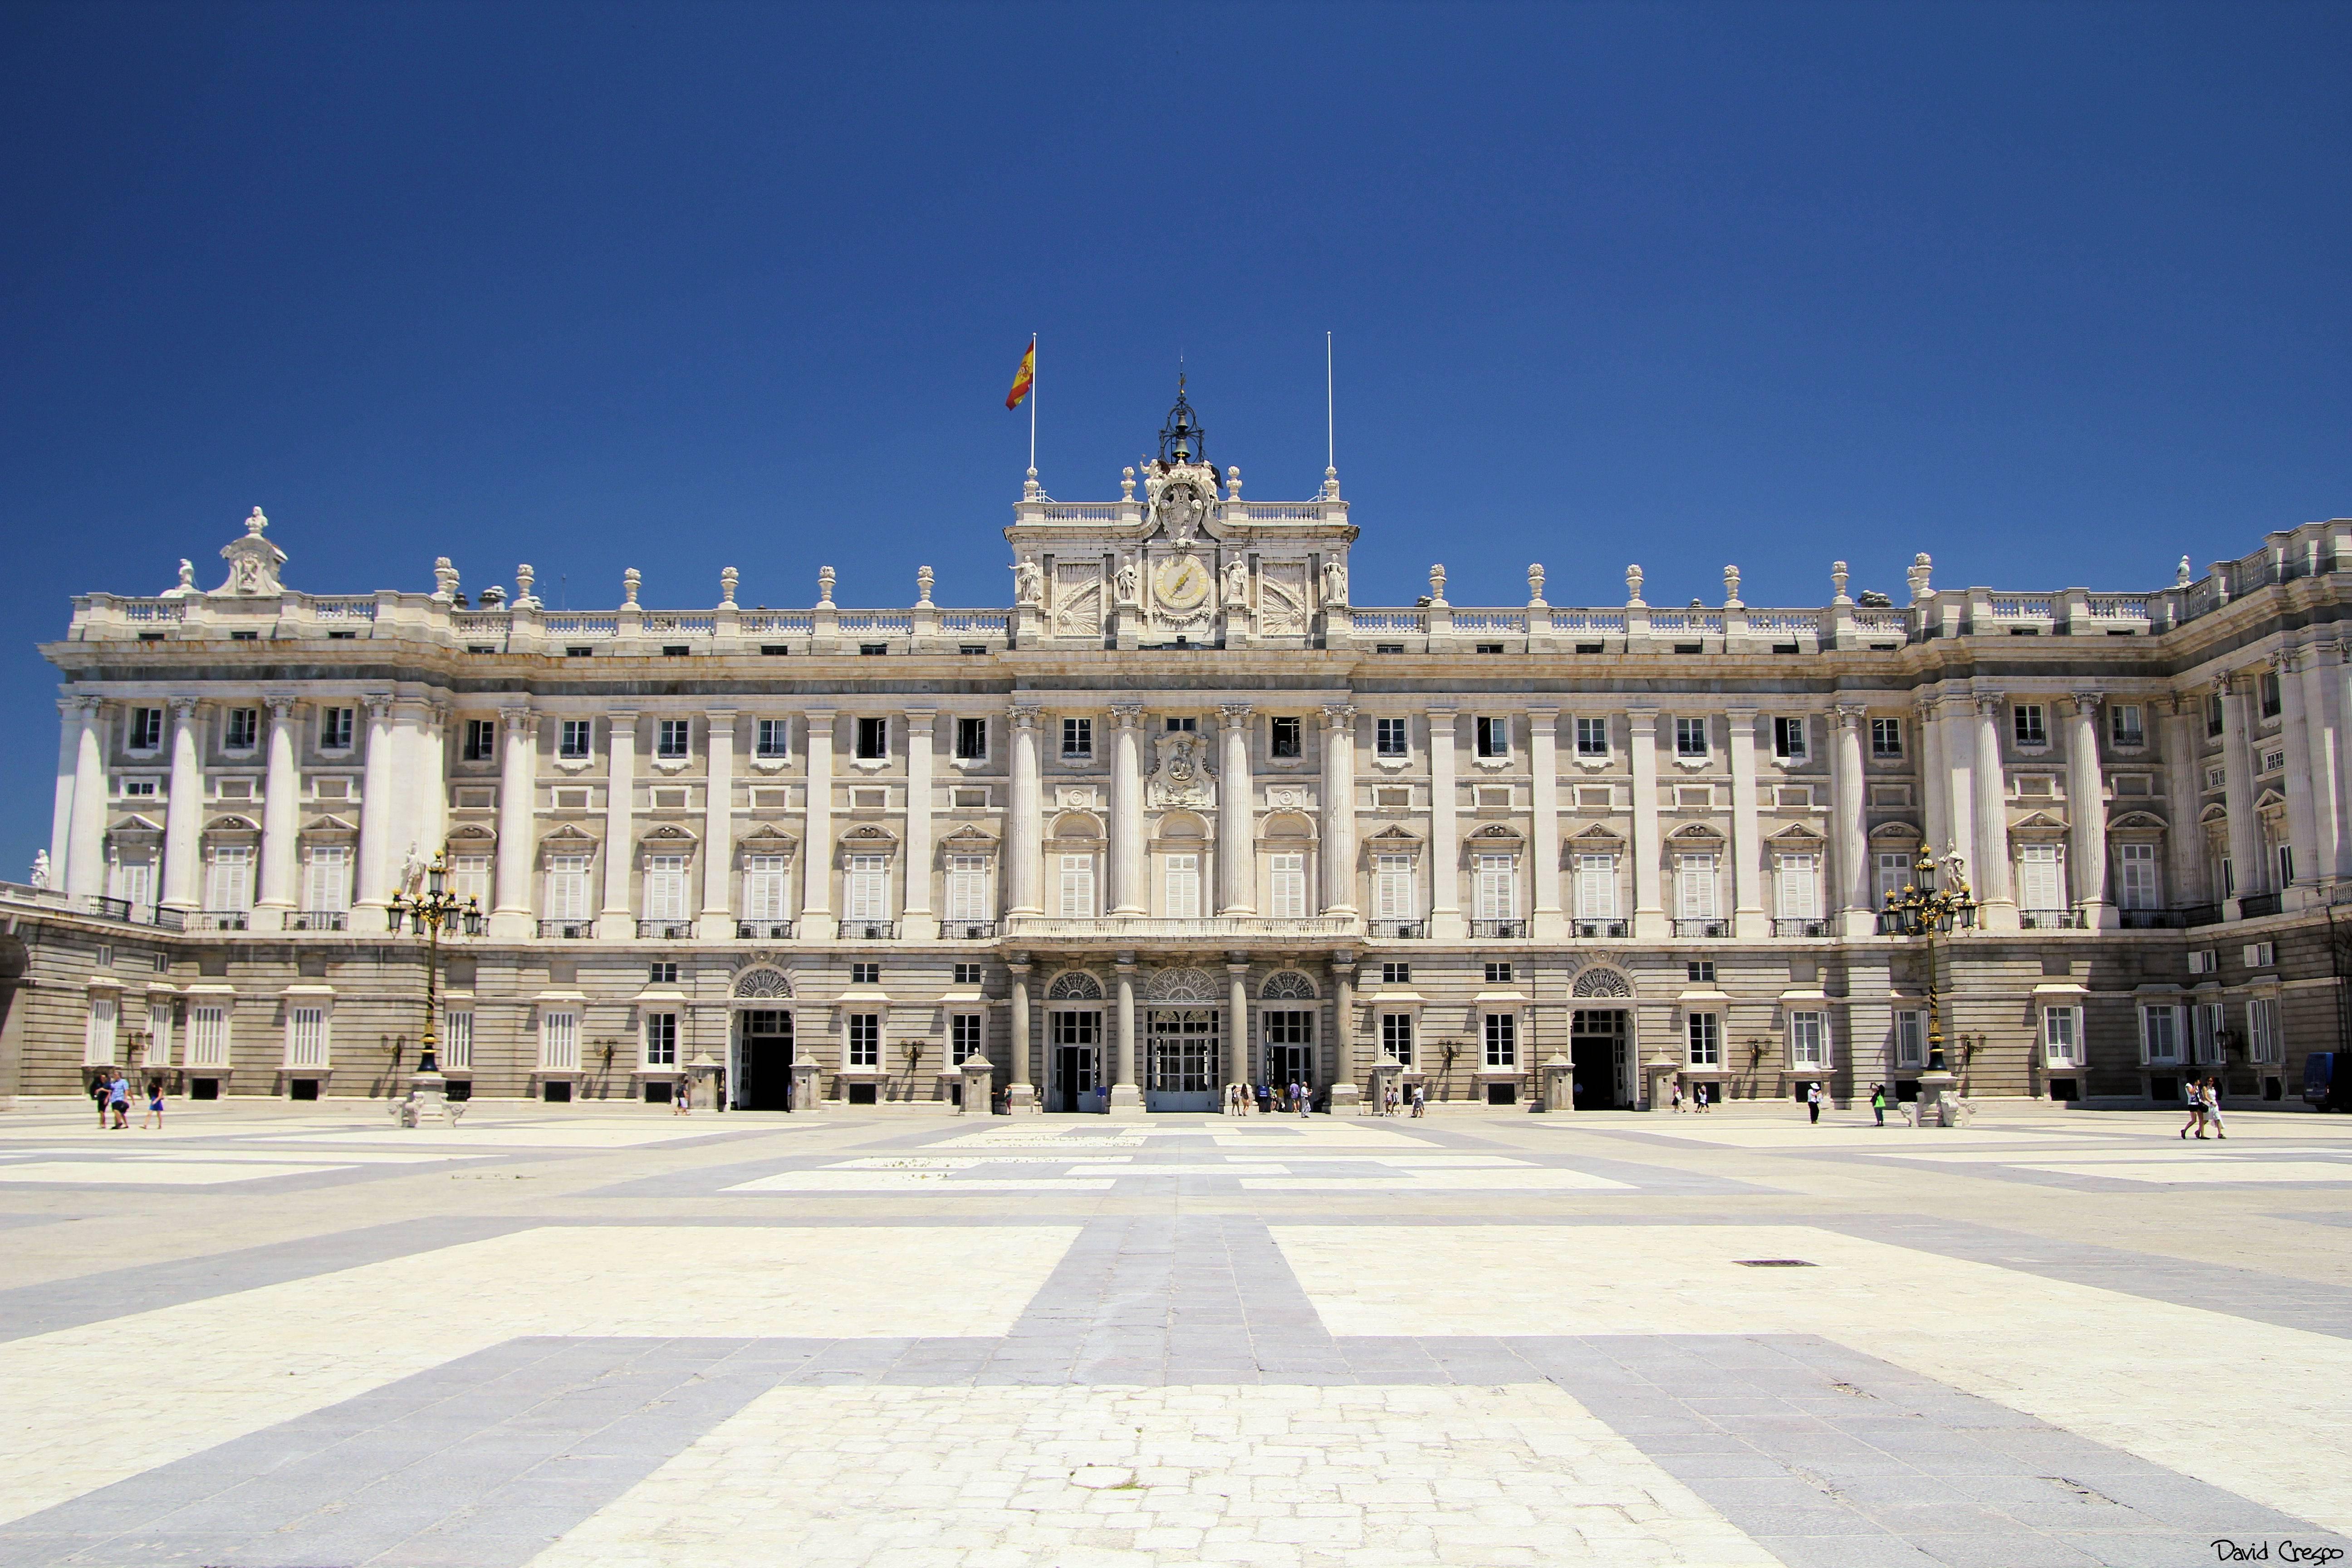 Обзор: королевский дворец в мадриде